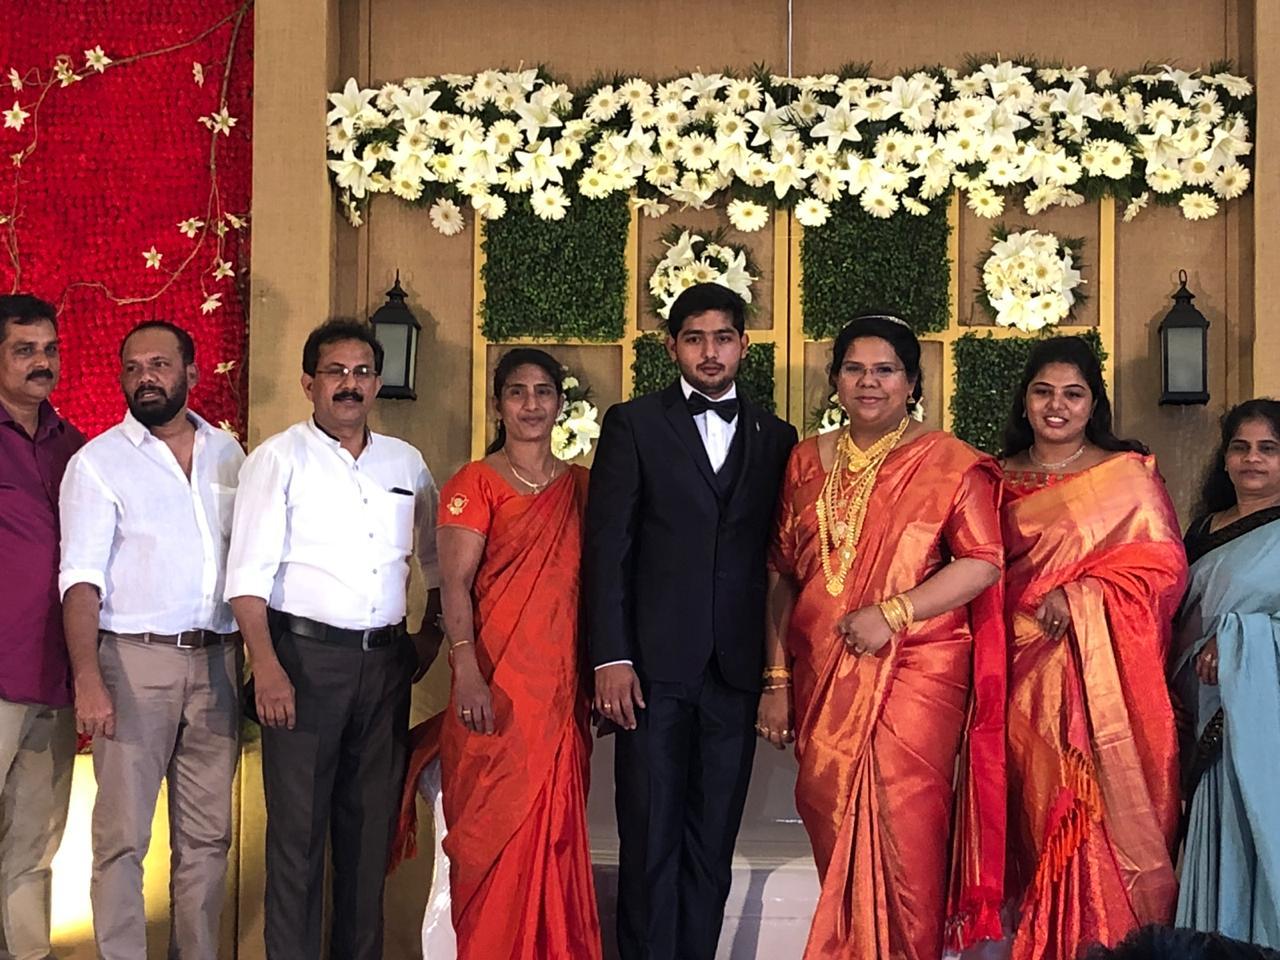 15 കോടി മോഹിച്ച് 25 കാരന് 48കാരിയെ വിവാഹം ചെയ്തെന്നു വ്യാജപ്രചാരണം; ദമ്പതികള് നിയമനടപടിക്ക്